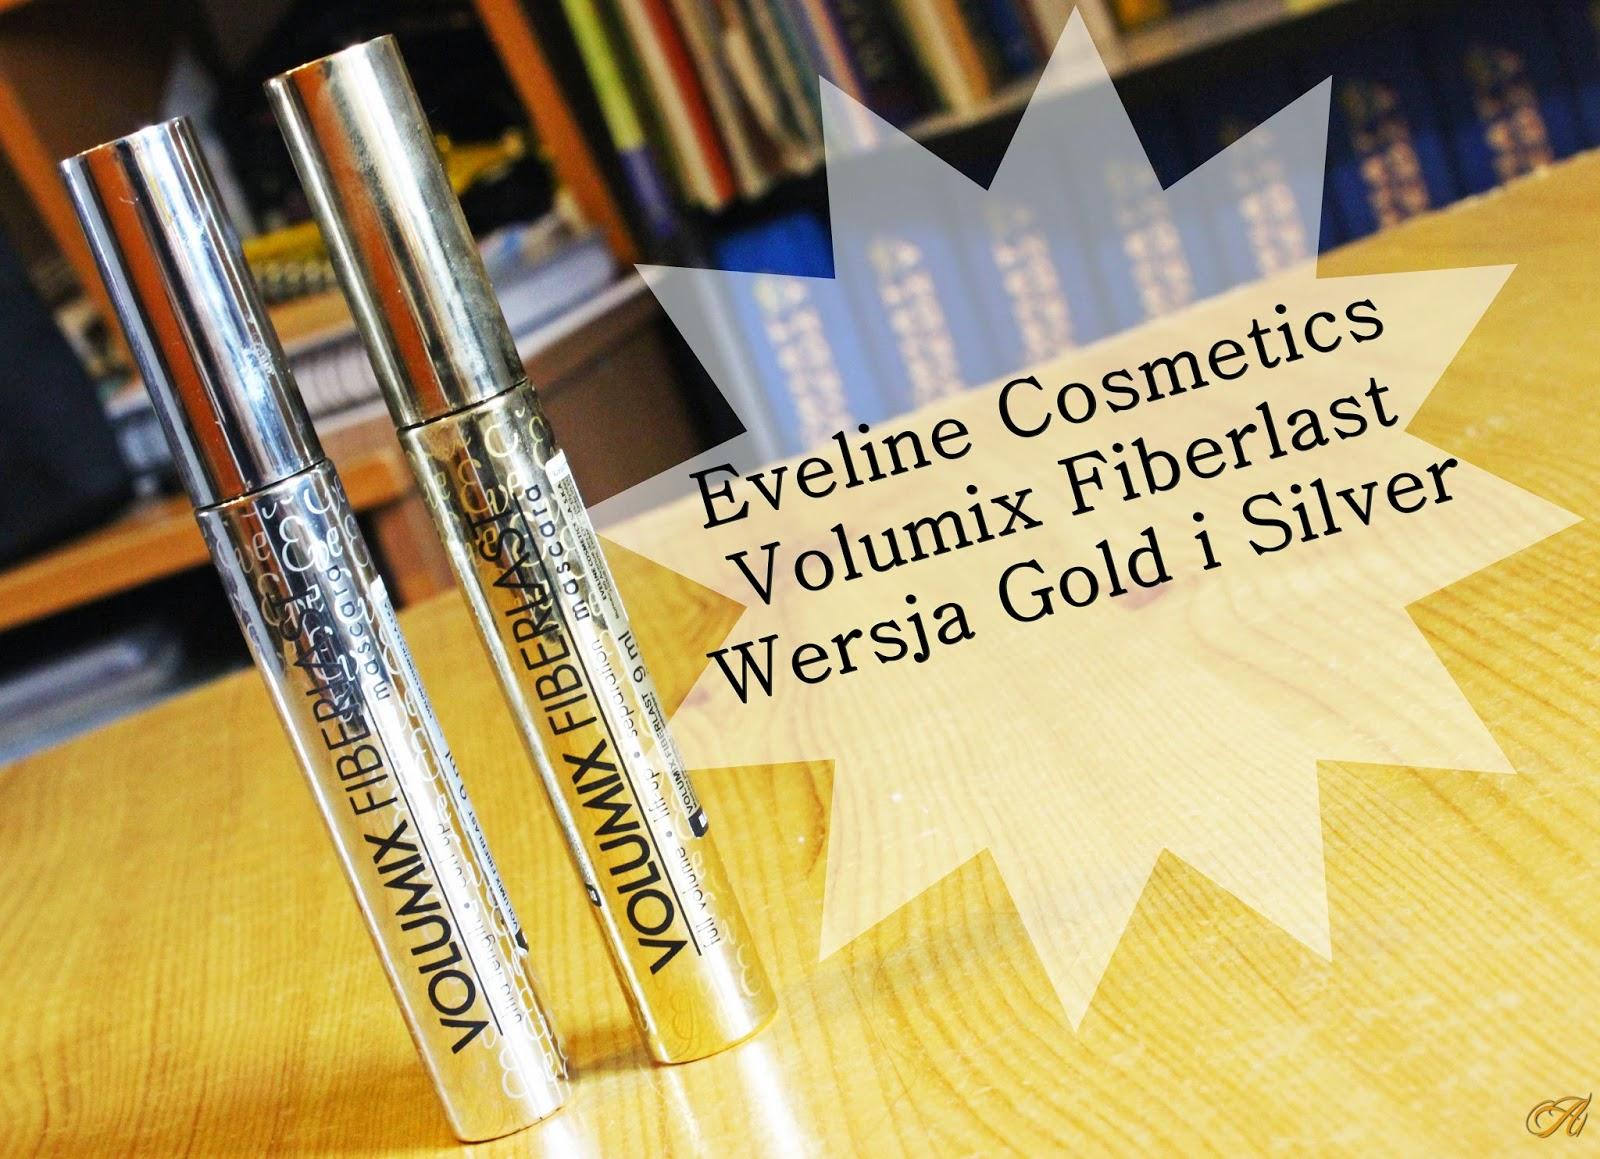 Eveline Cosmetics, Volumix Fiberlast Mascara - wersja złota i srebrna